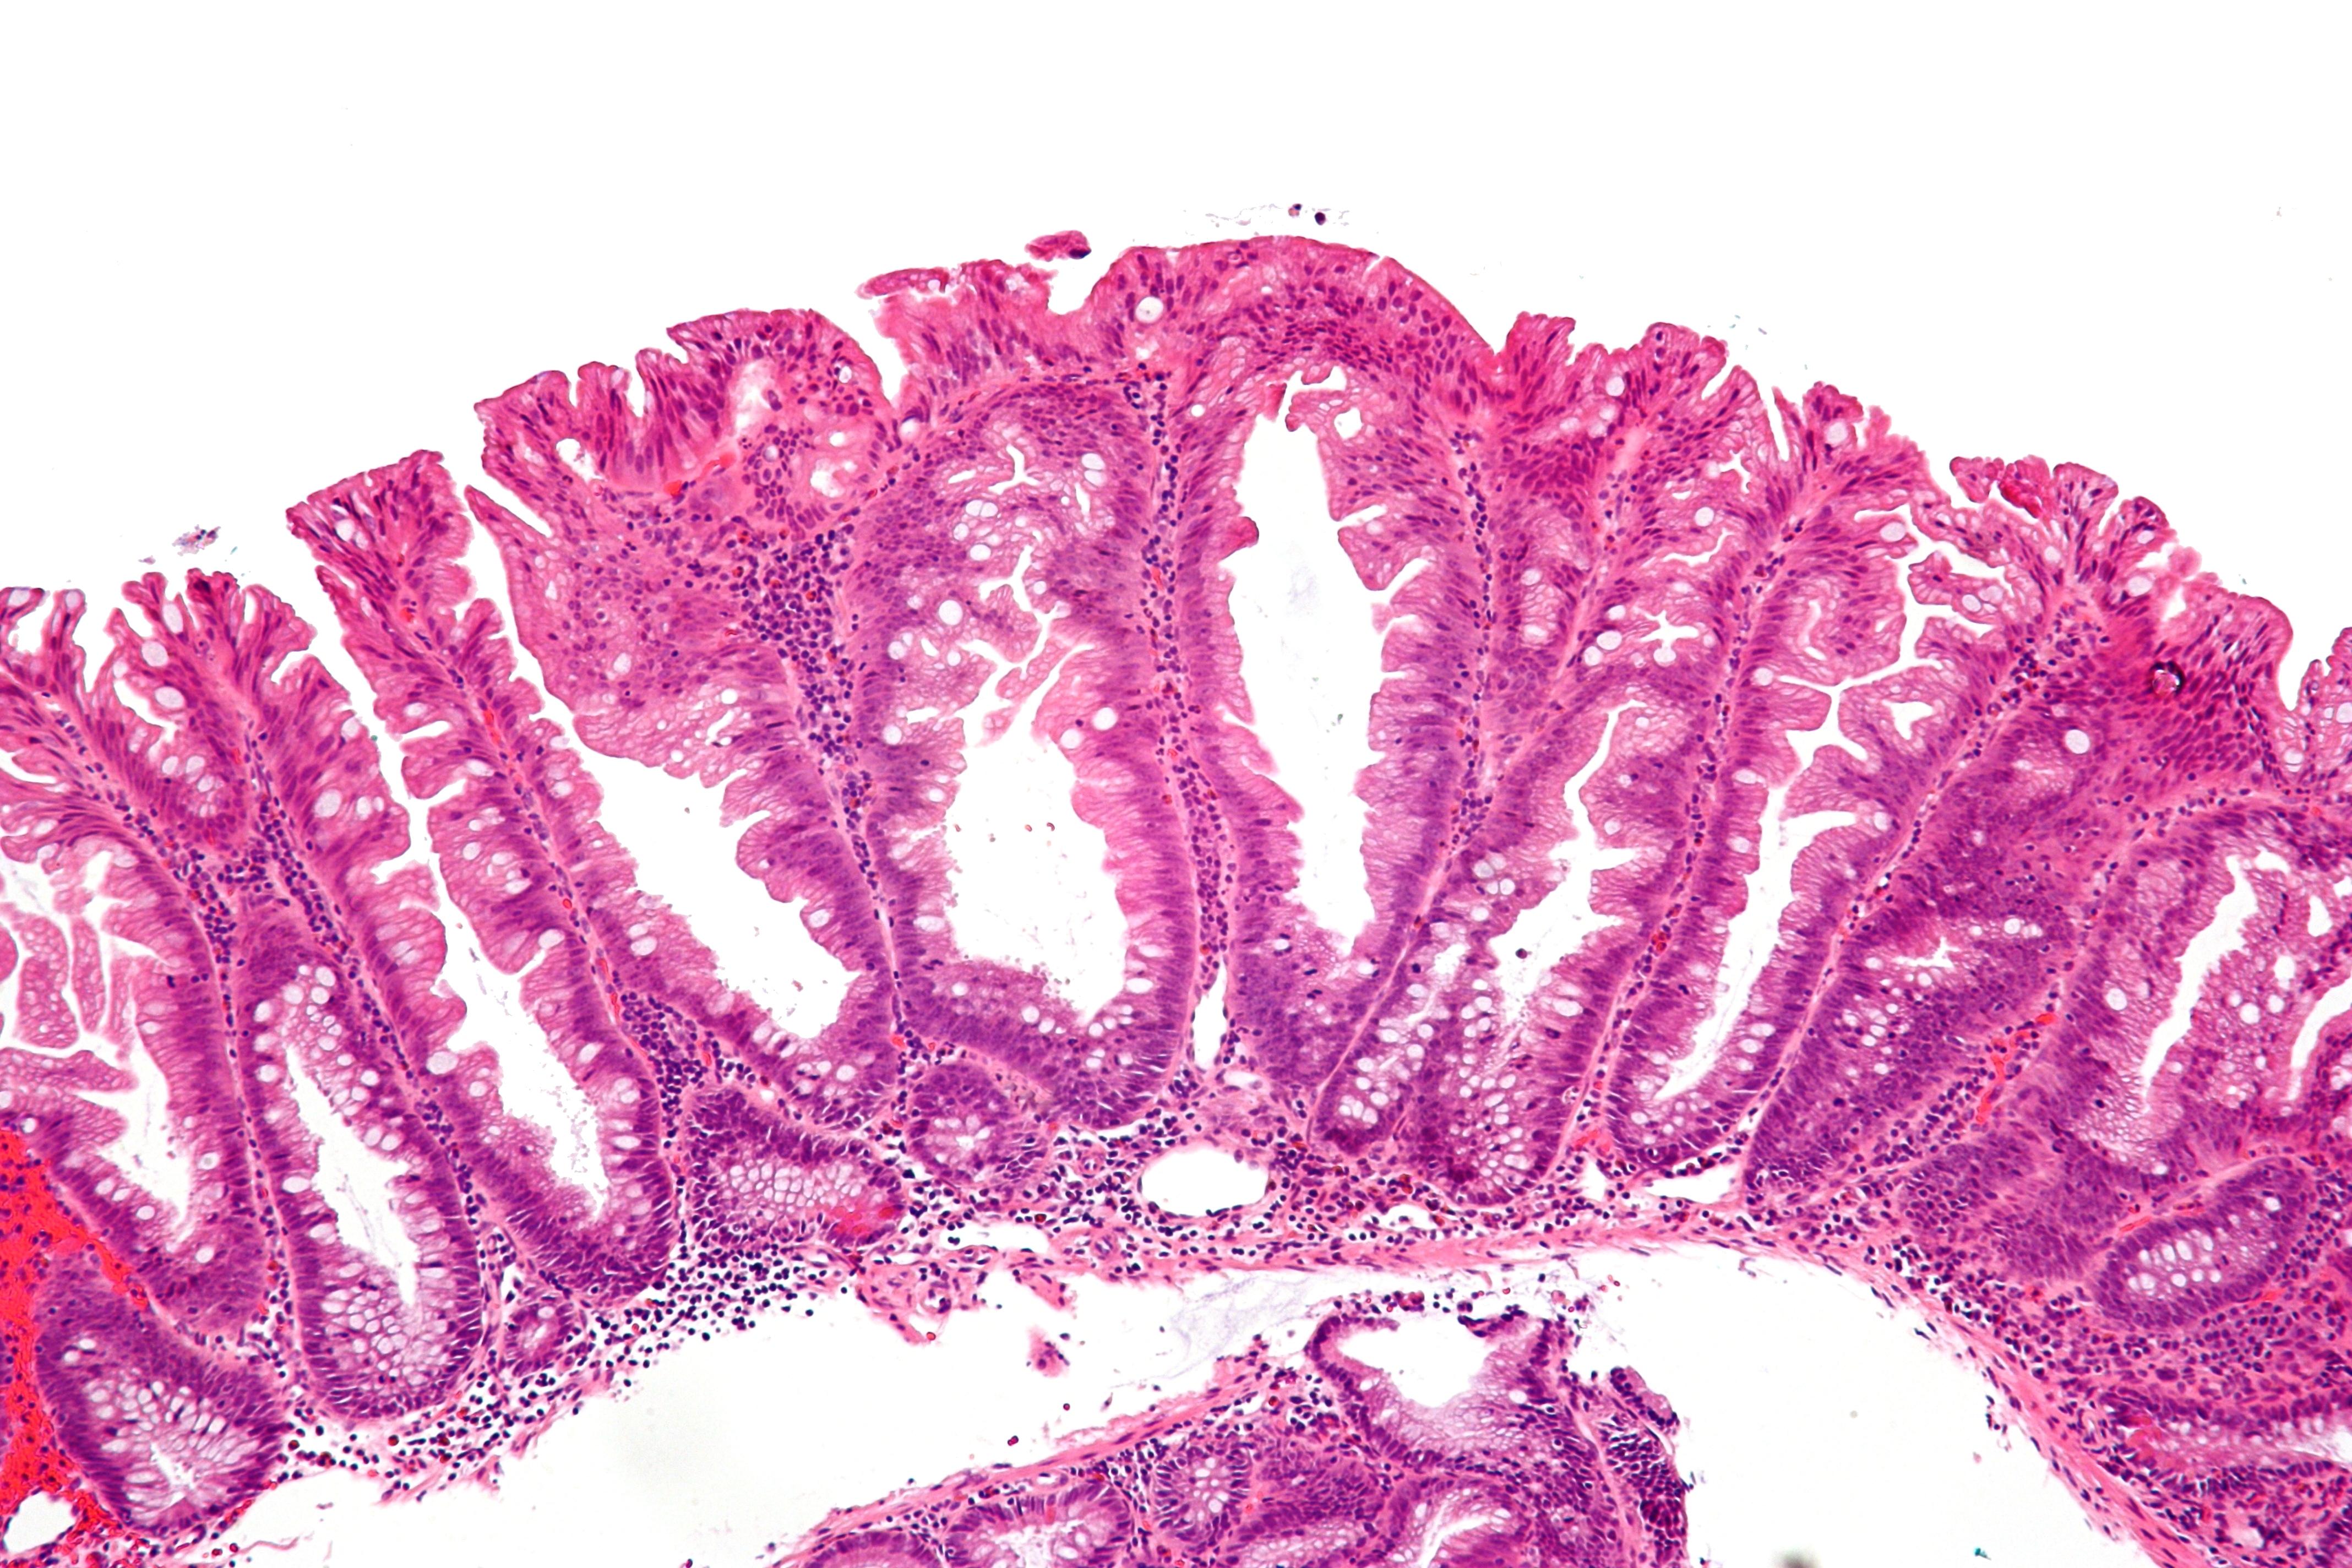 File:Sessile serrated adenoma 2 intermed mag.jpg ...